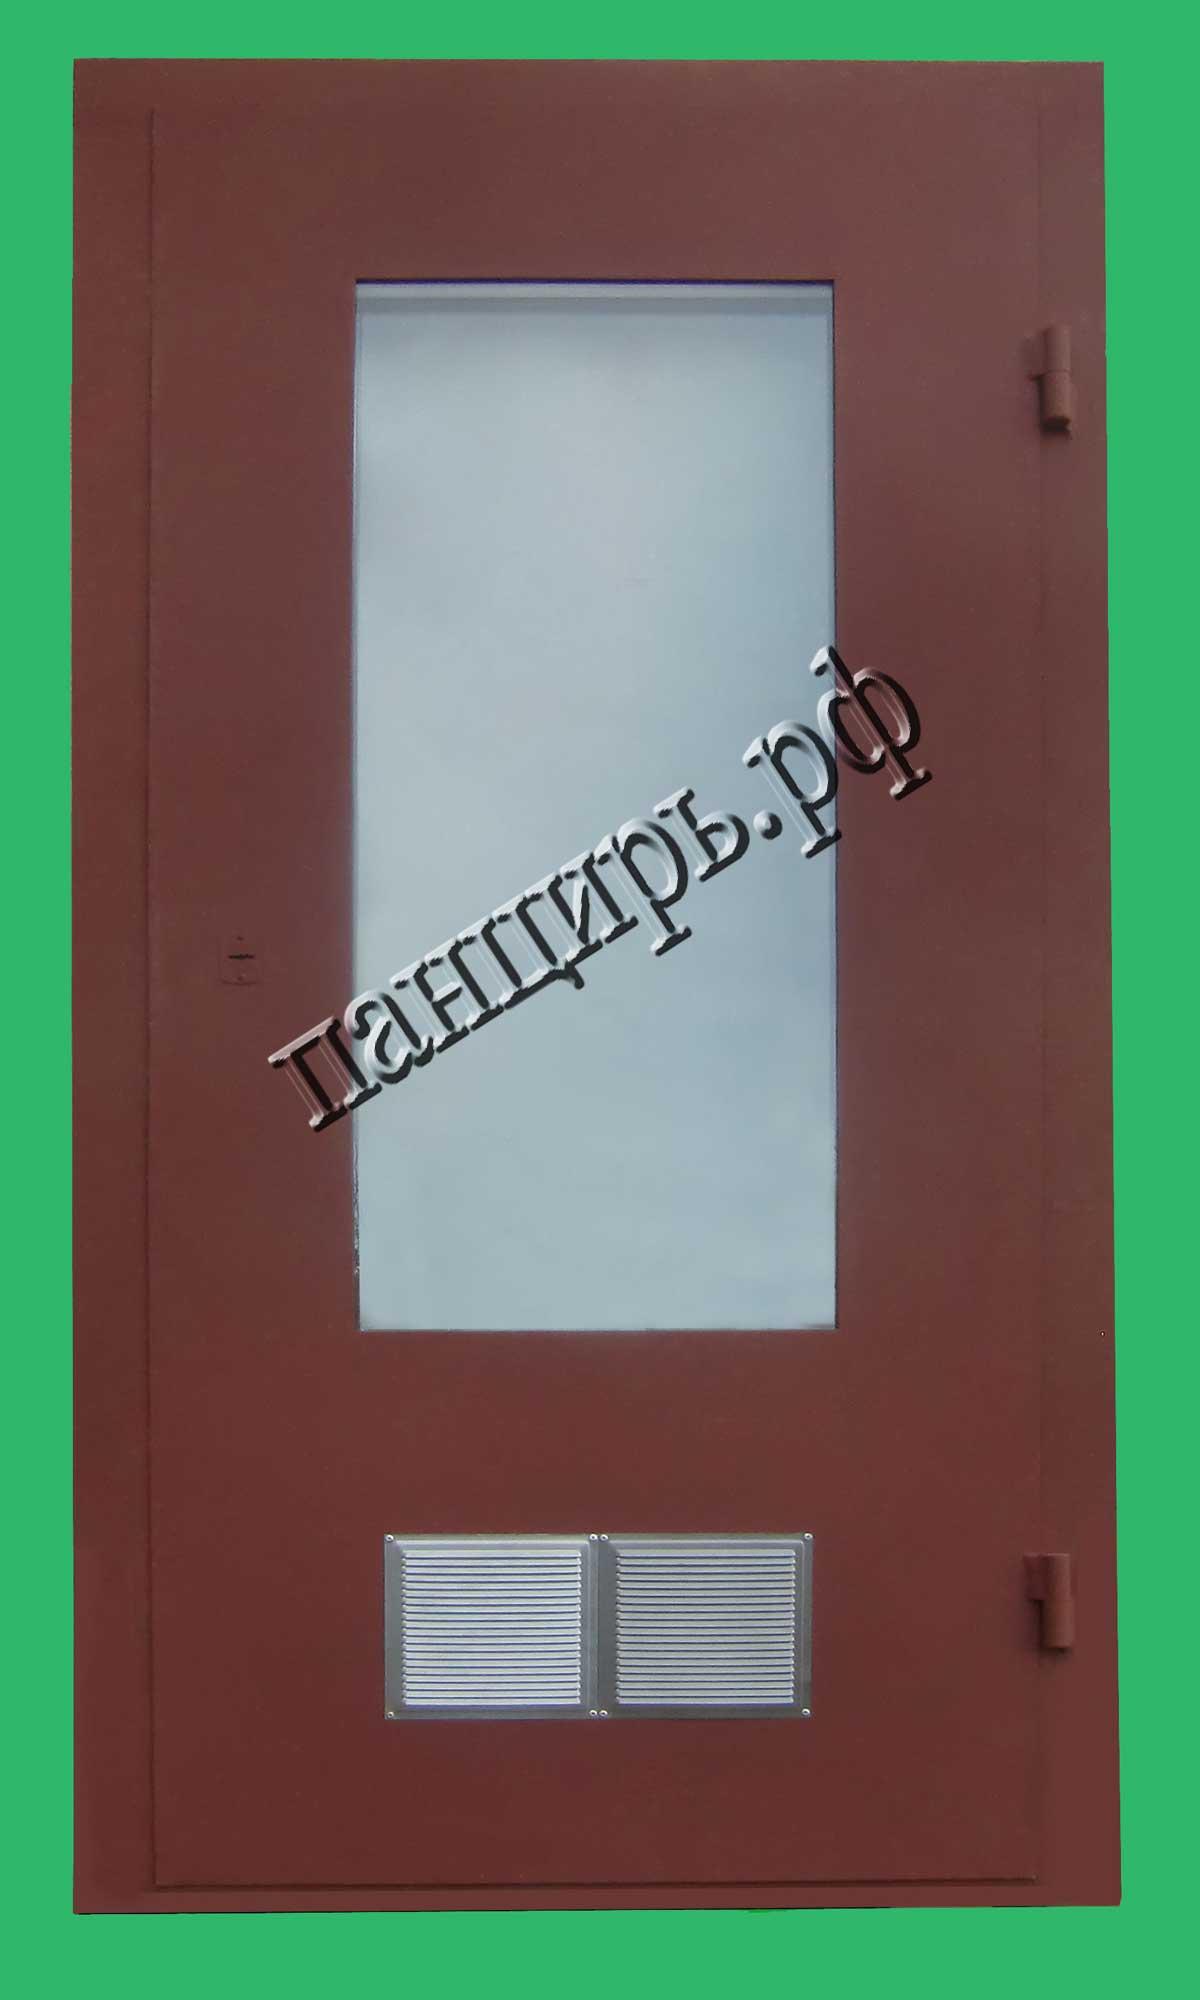 Дверь в котельную на проем 900х2100мм с окном и приточными жалюзями